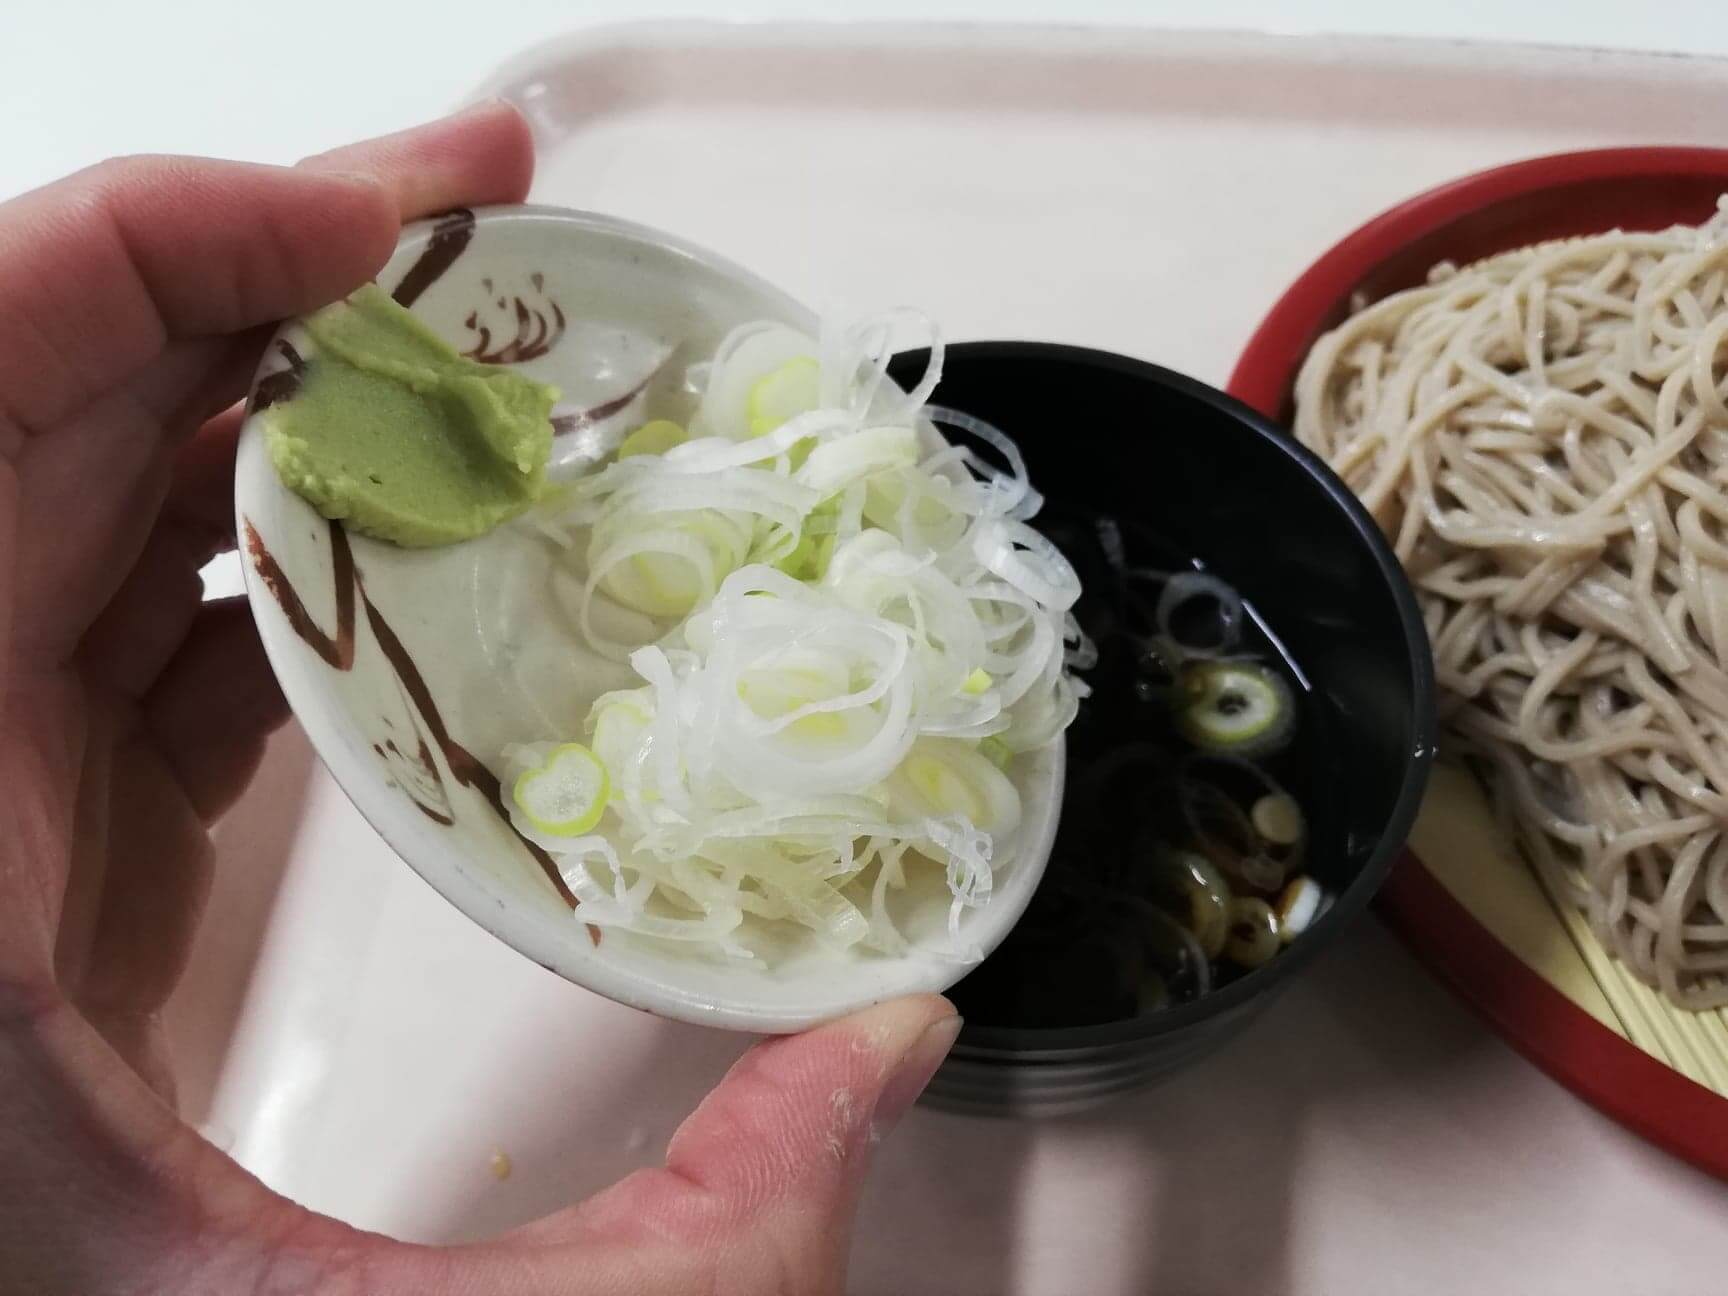 練馬区役所の職員レストランの『富士山もりそば』のめんつゆにネギを入れている写真